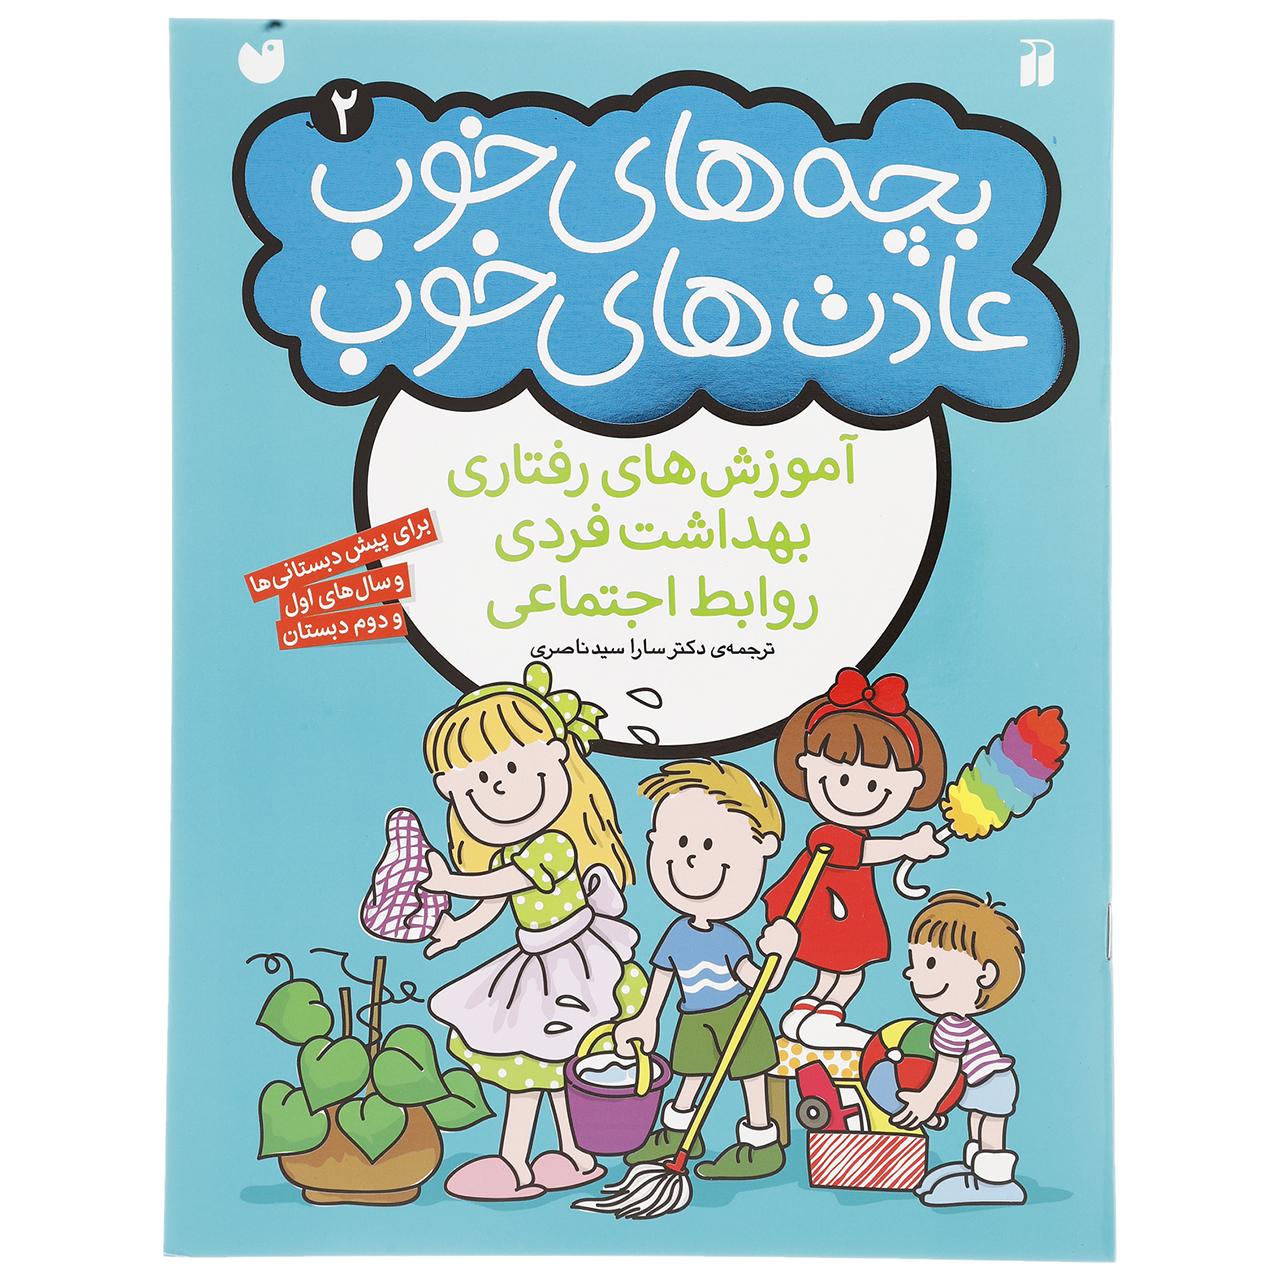 خرید                      کتاب بچه های خوب عادت های خوب 2 اثر سارا سید ناصری